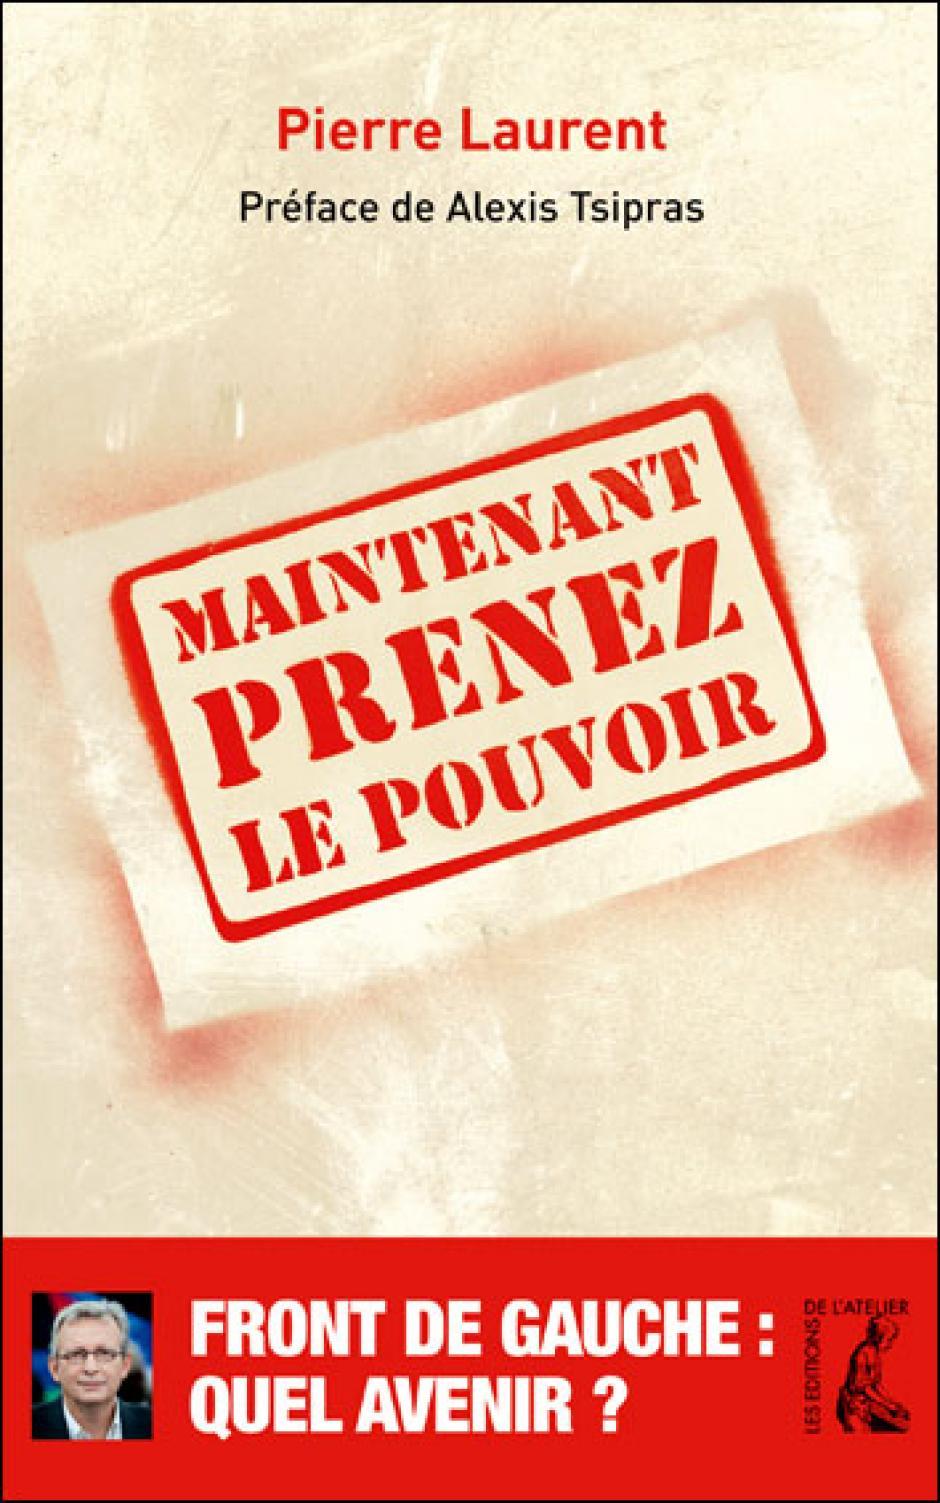 « Maintenant prenez le pouvoir », le dernier livre de Pierre Laurent